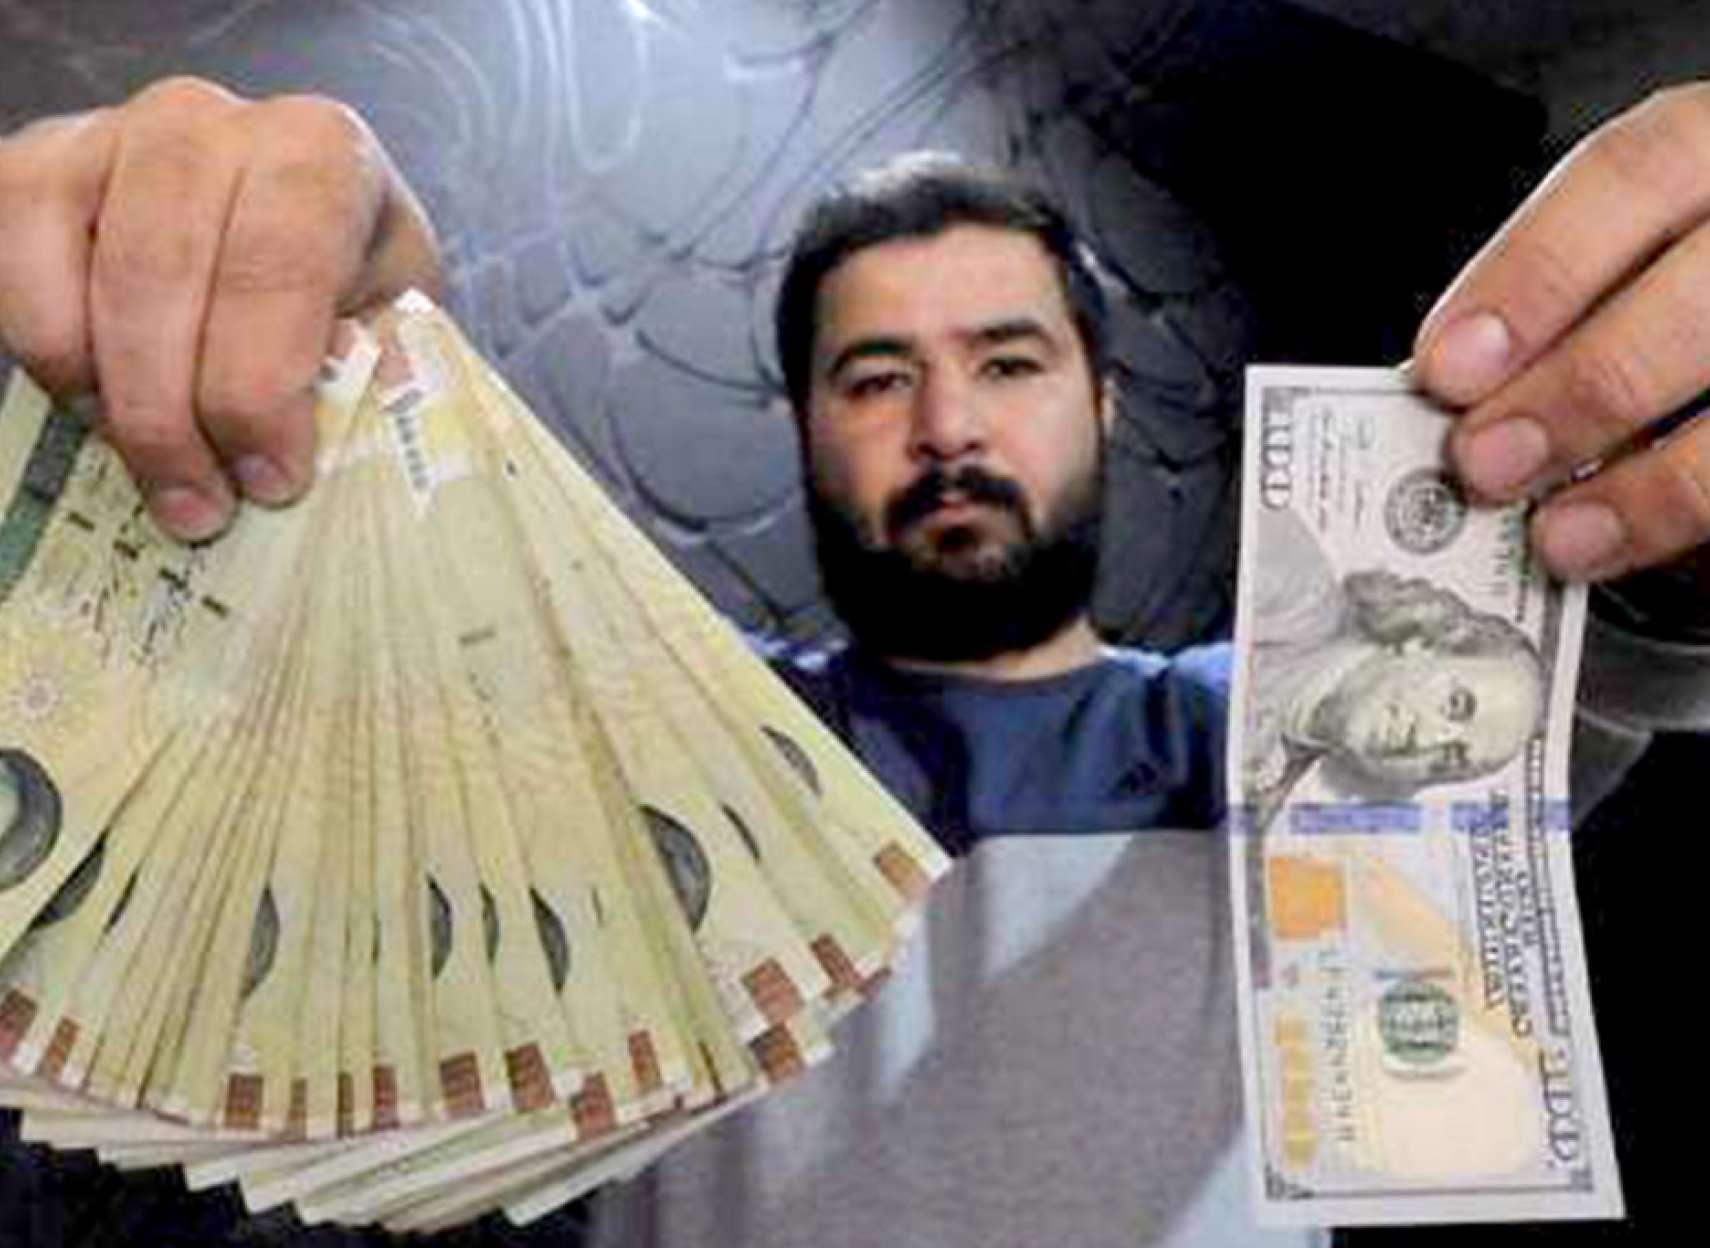 اقتصاد-تنباکویی-ریال-کم-ارزشترین-واحد-پول-در-جهان-است